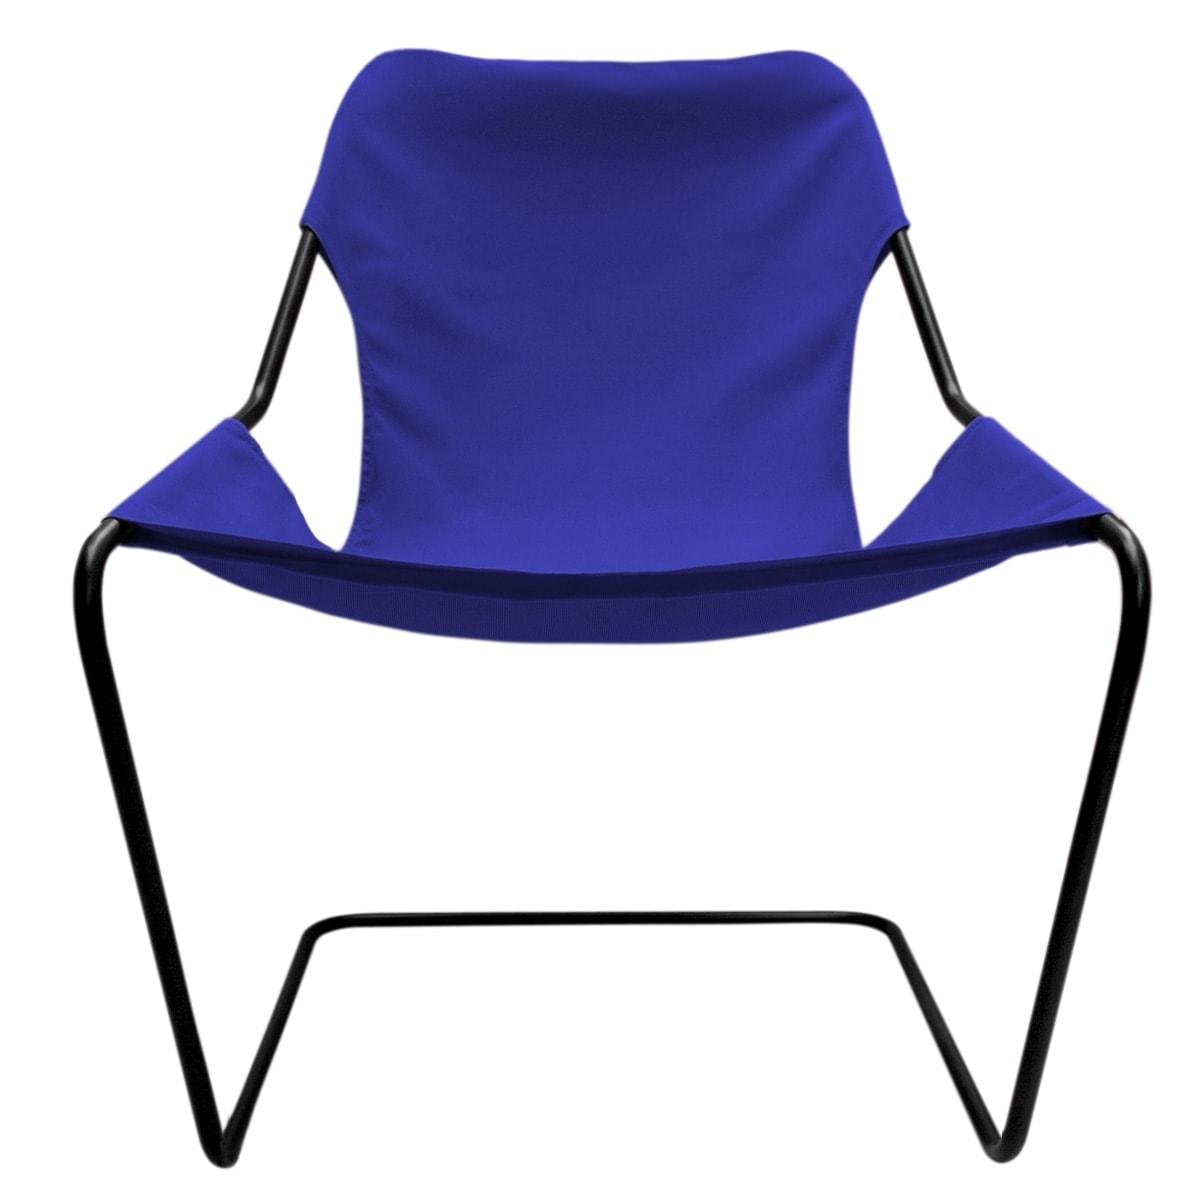 Design poltrona aida poltrona in cuoio by poltrona frau for Poltrona girevole design